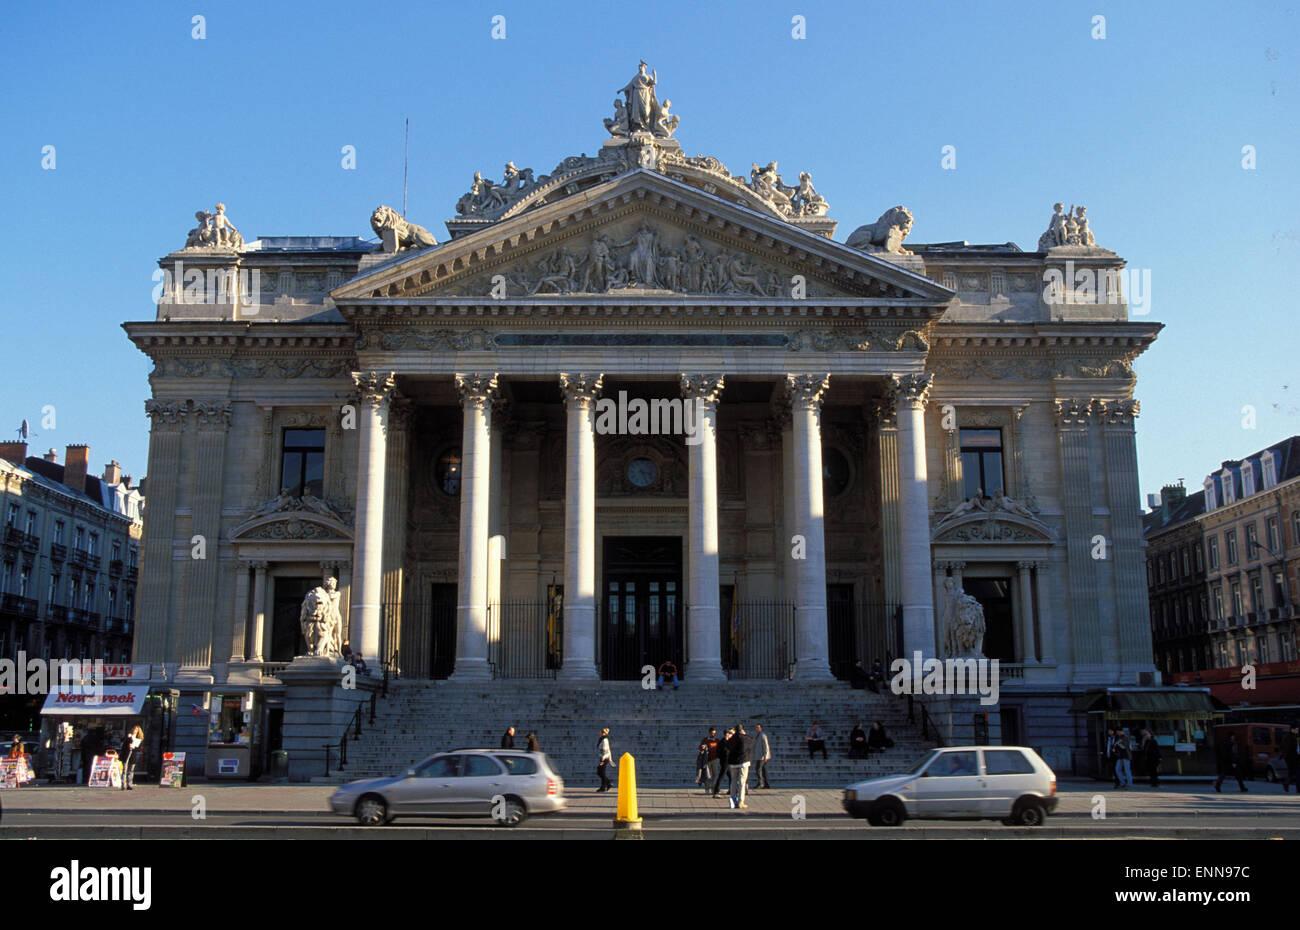 BEL, Belgium, Brussels, the stock exchange.  BEL, Belgien, Bruessel, die Boerse. - Stock Image